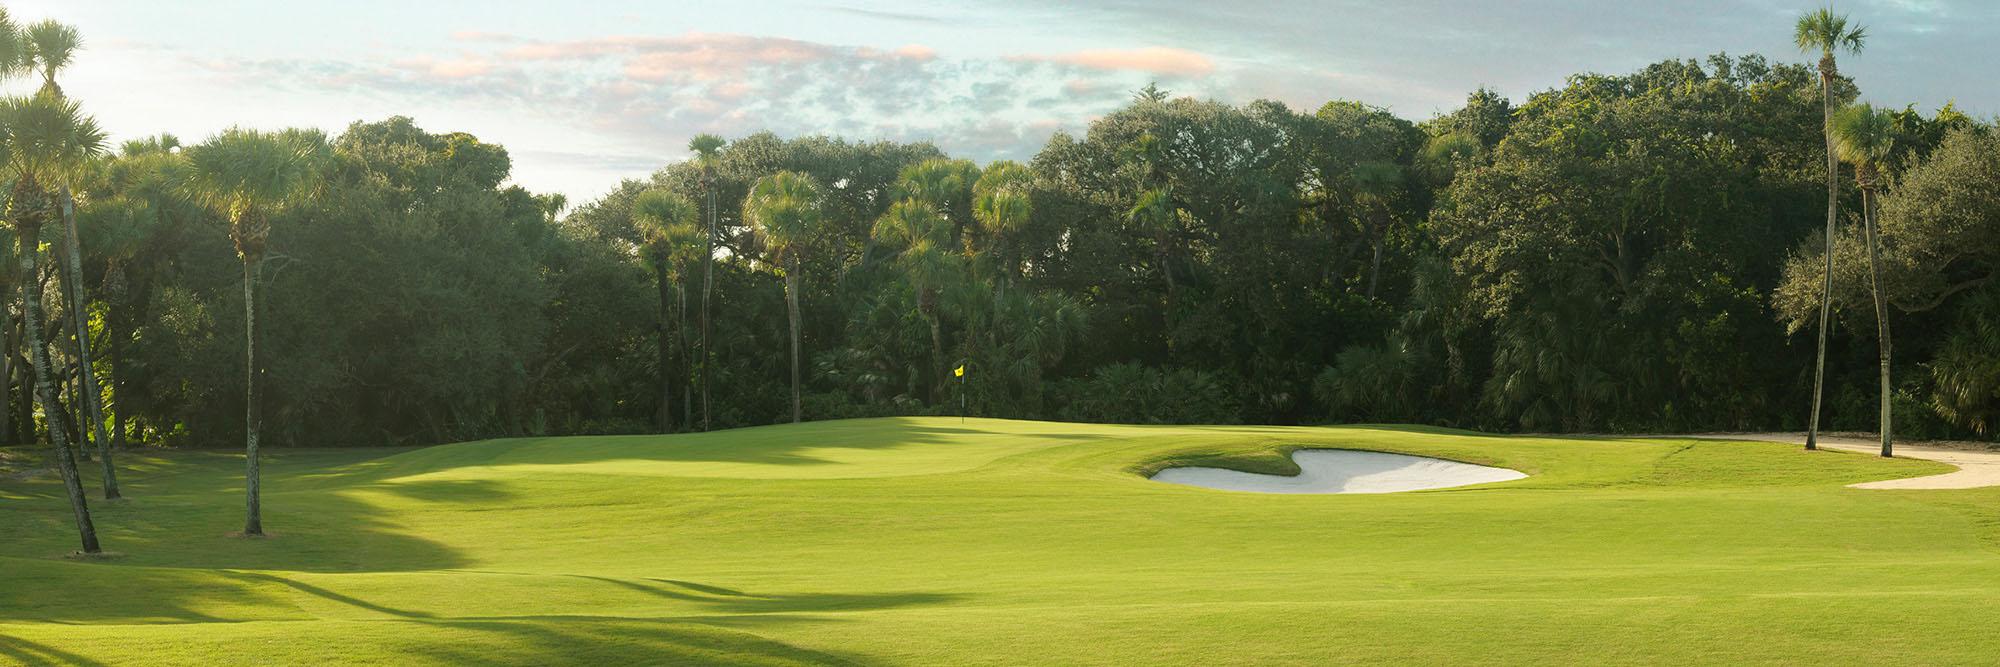 Golf Course Image - Riomar No. 8